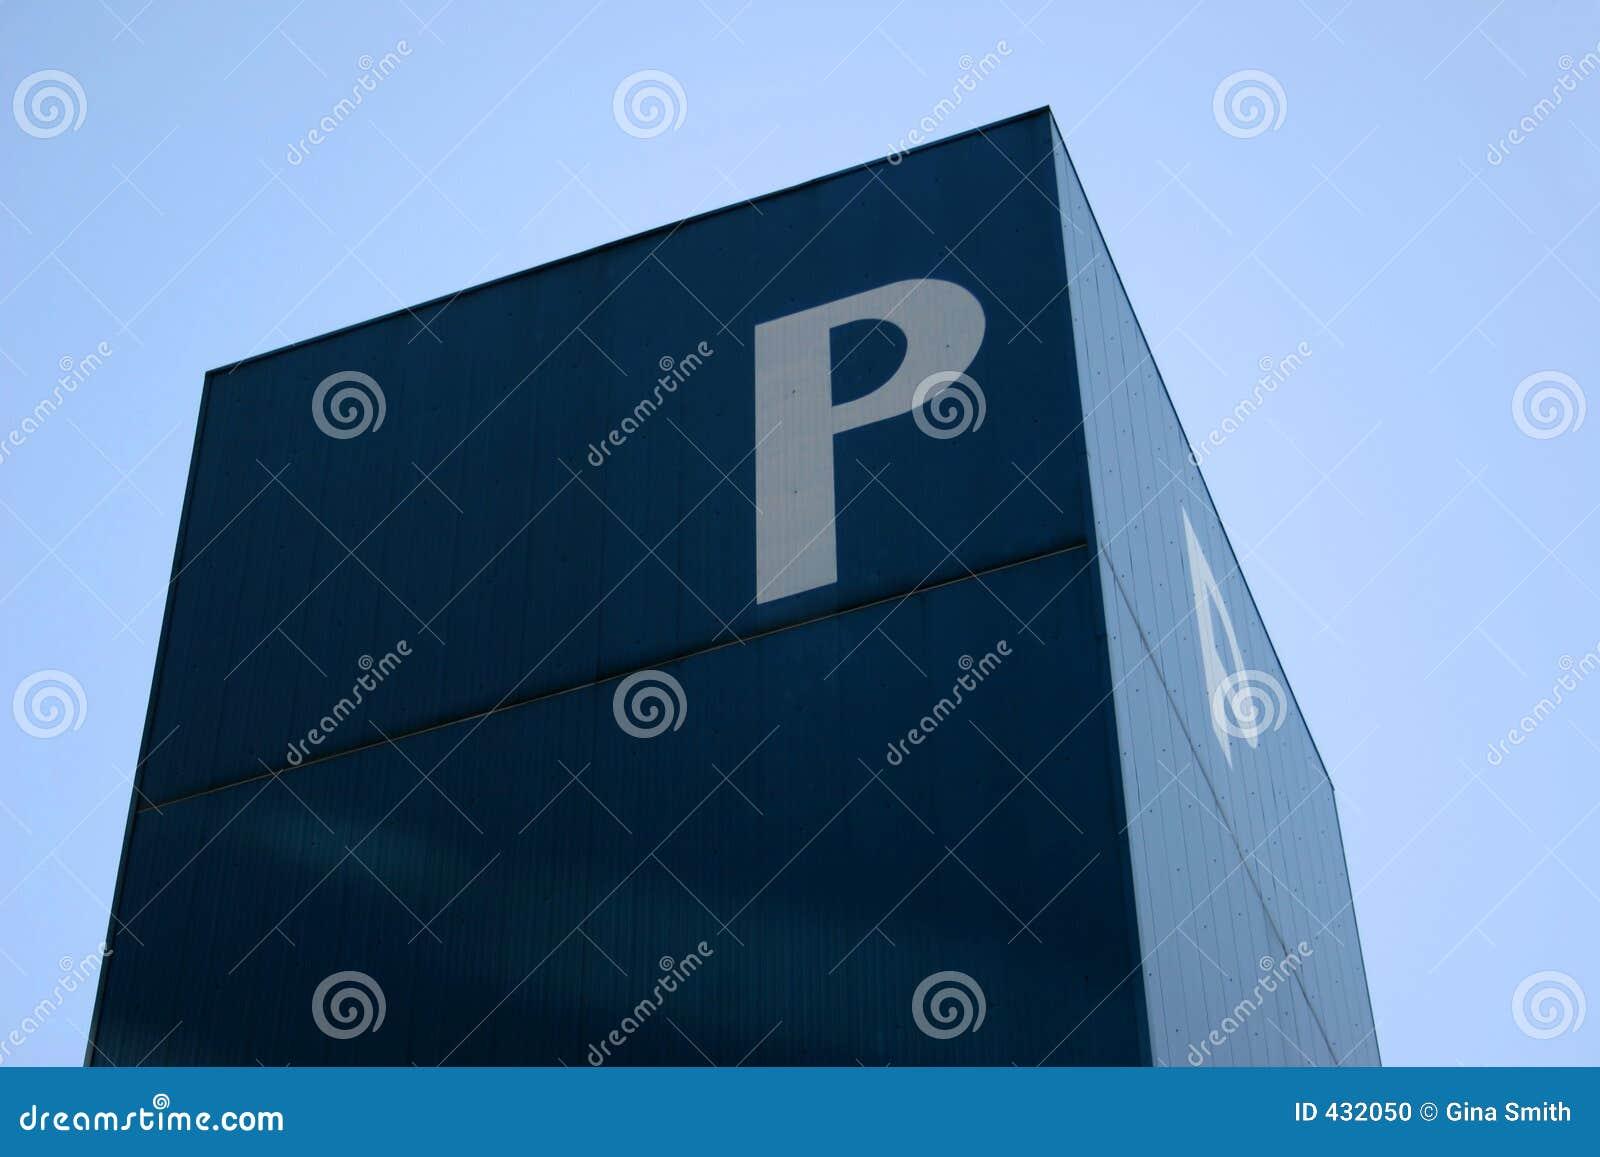 Das Zeichen P